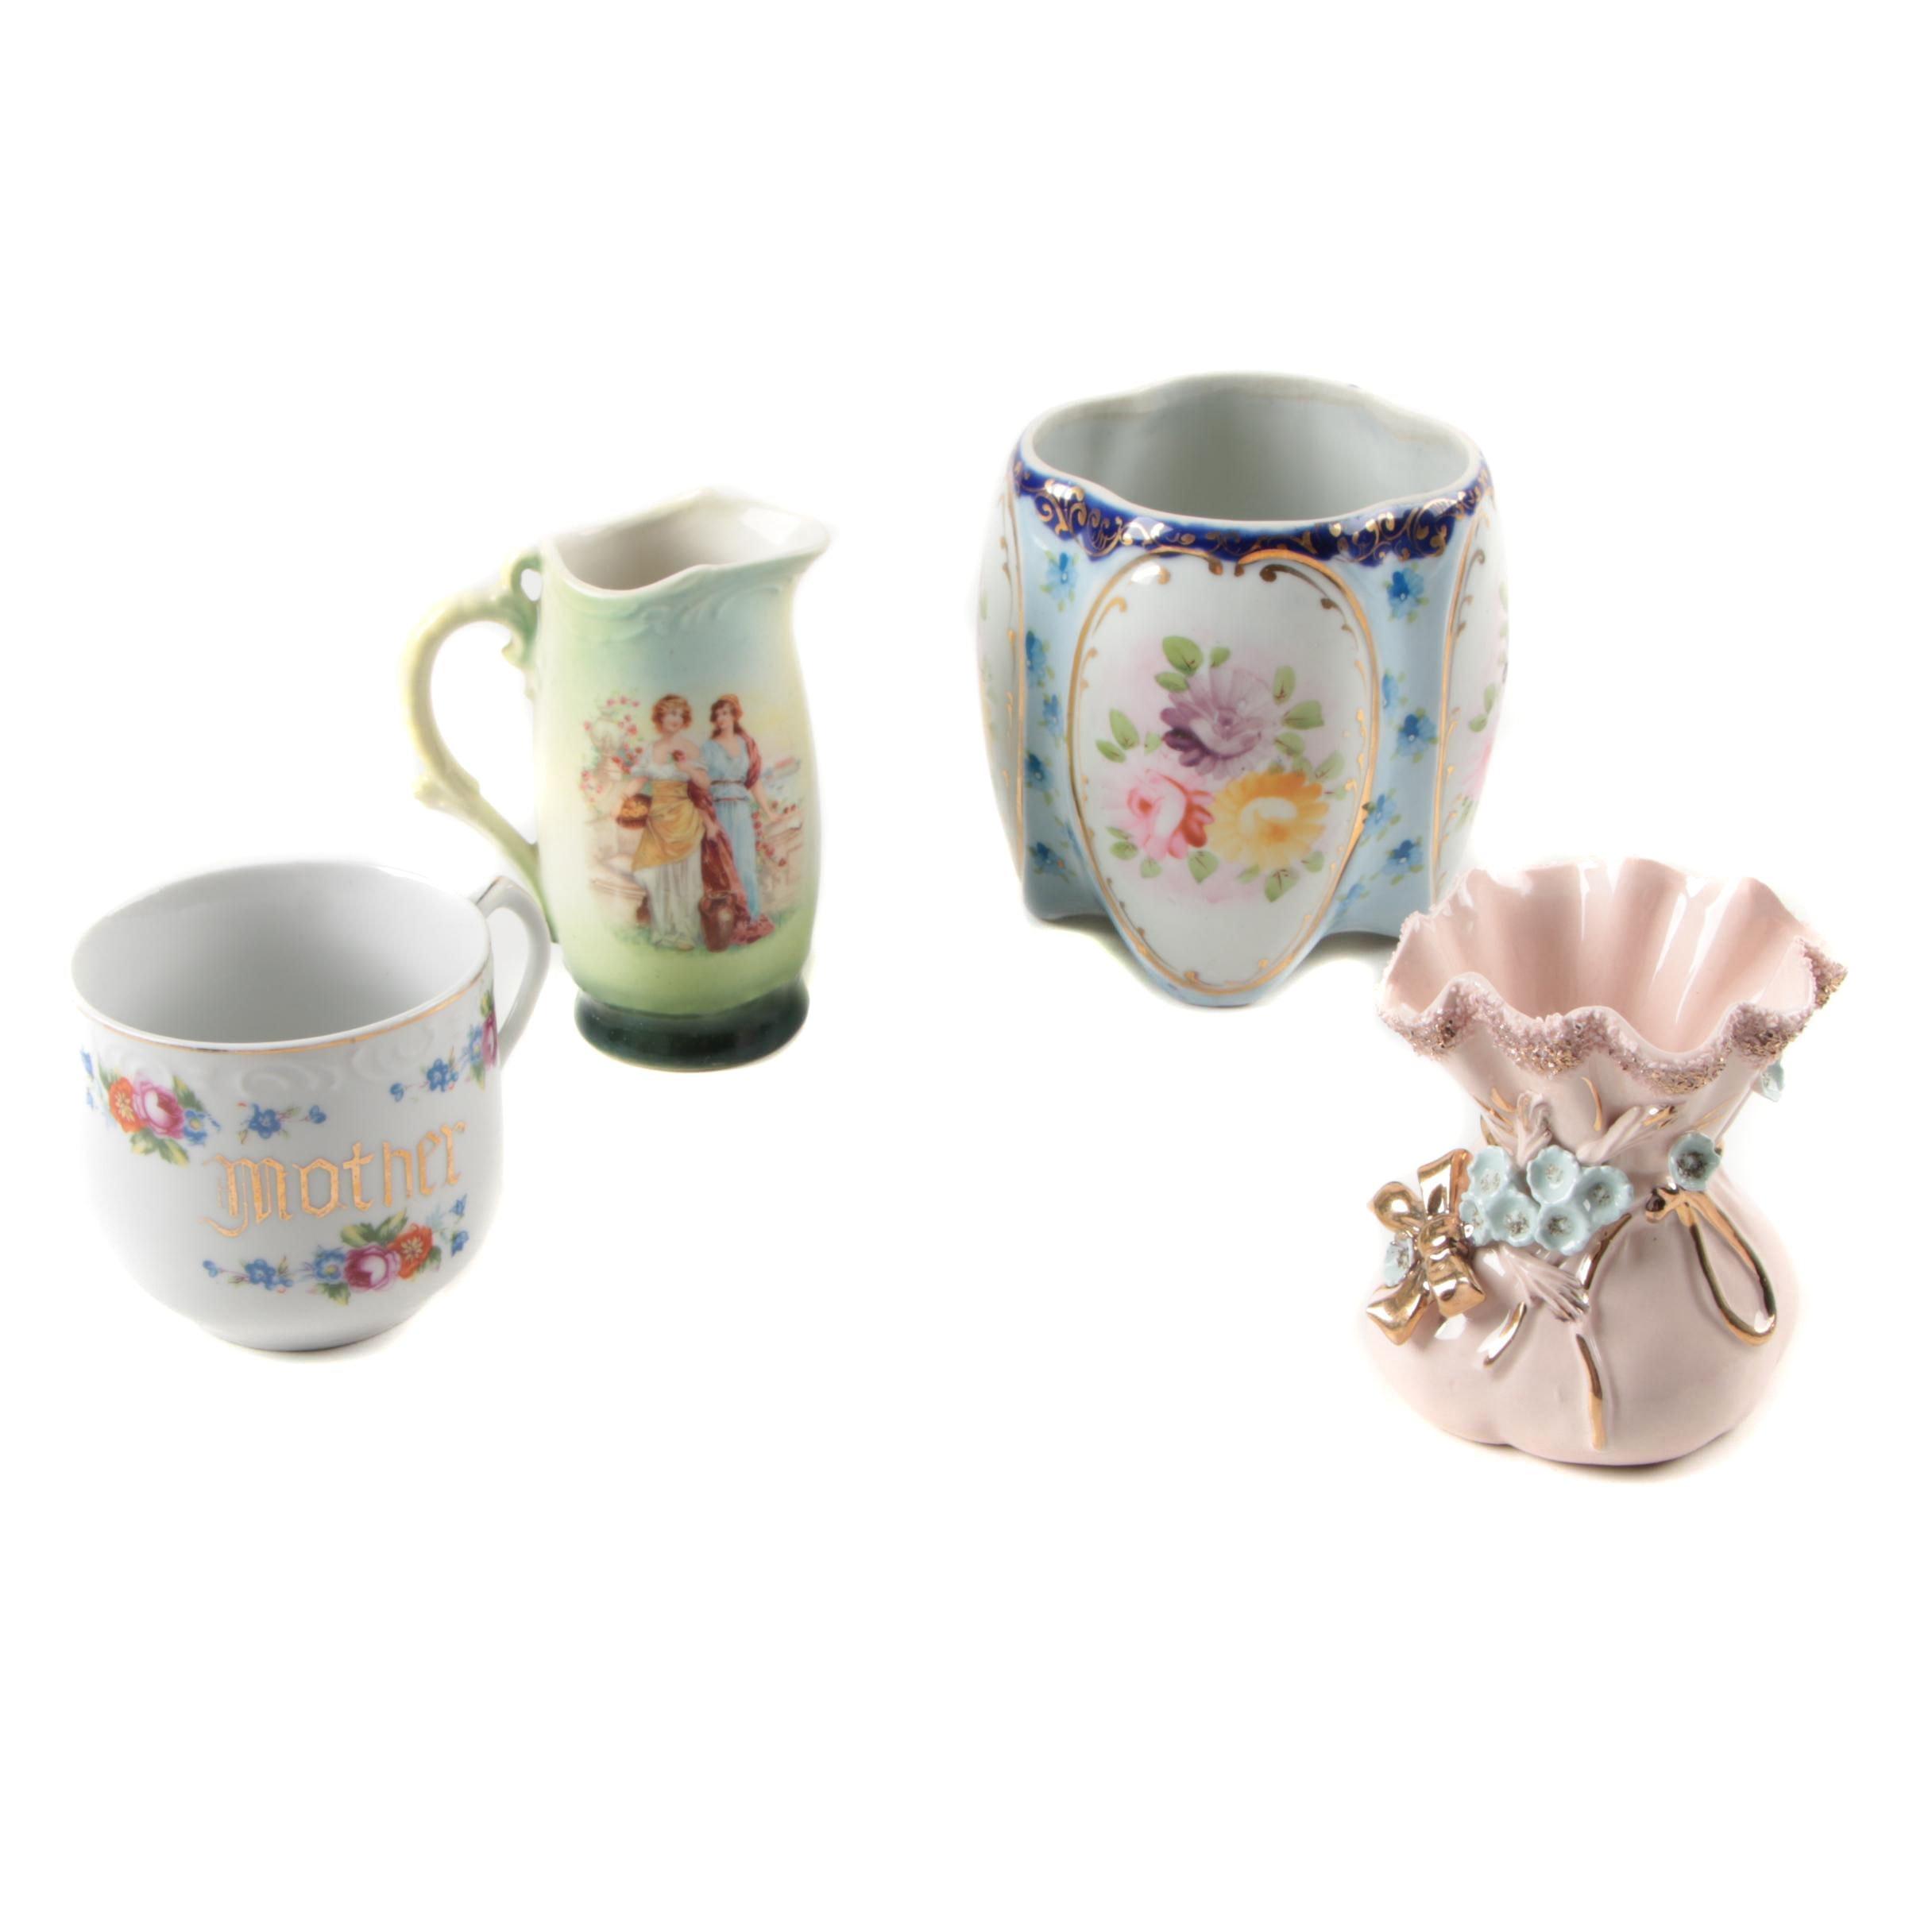 Vintage Porcelain Vases, Pitcher and Cup